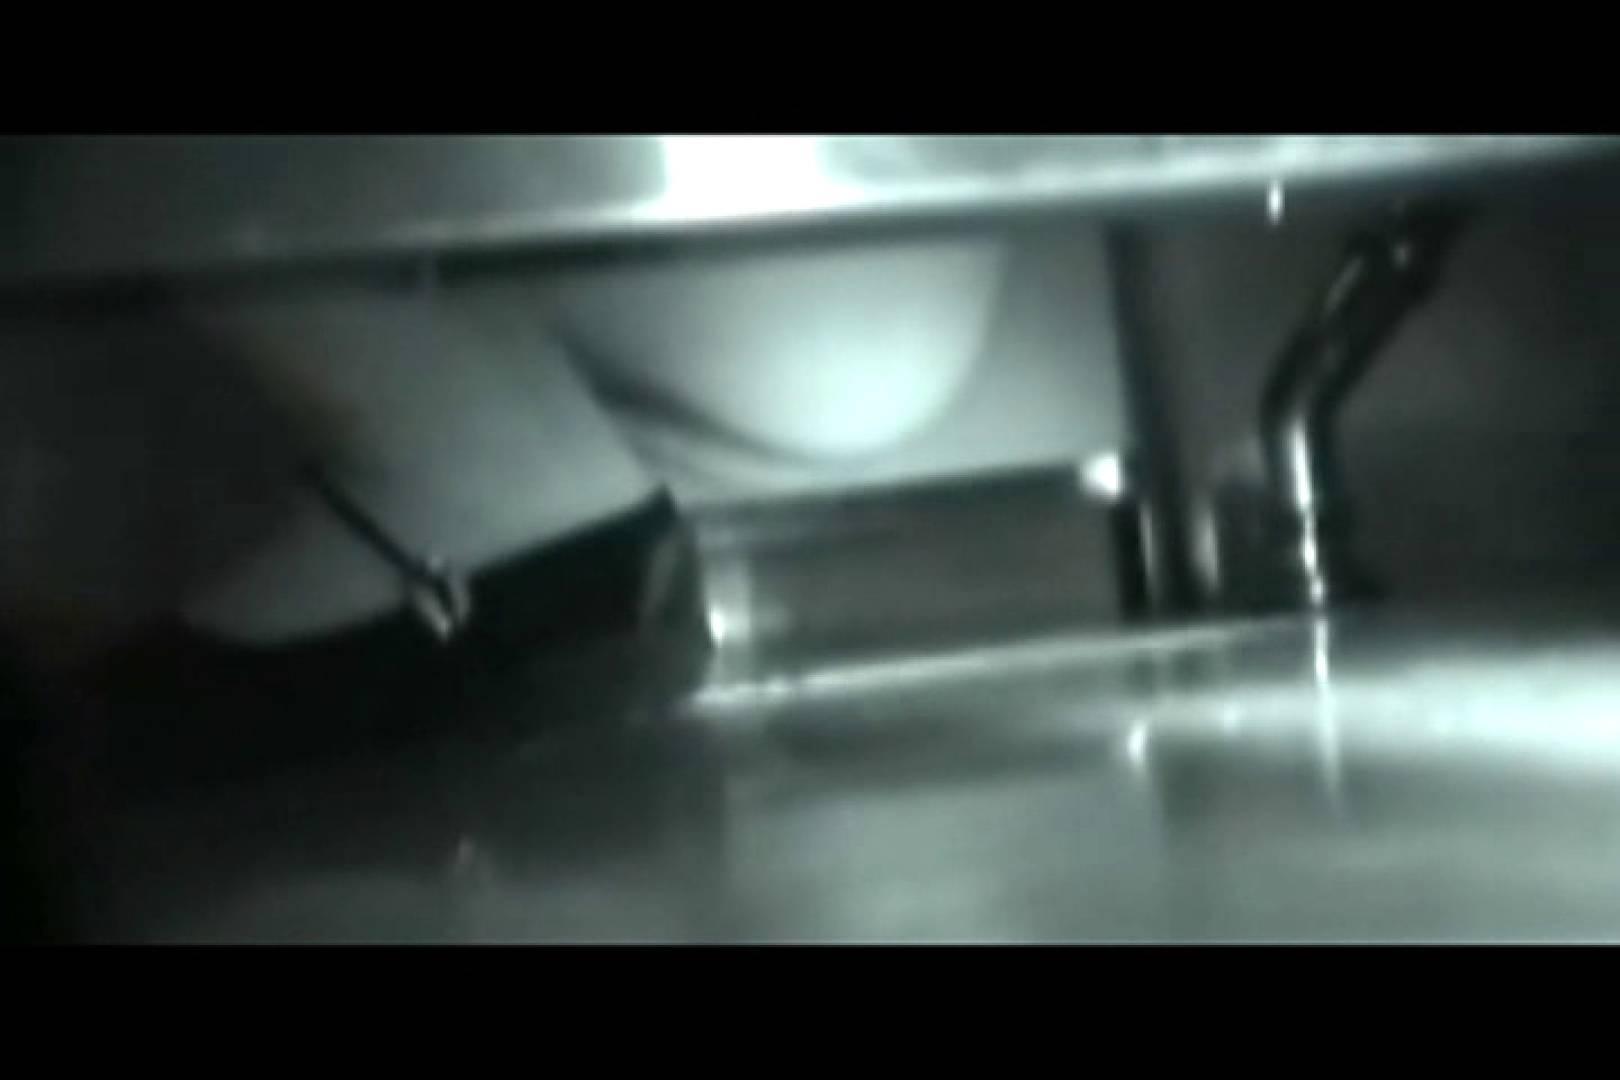 ぼっとん洗面所スペシャルVol.17 洗面所 覗きワレメ動画紹介 74PICs 68